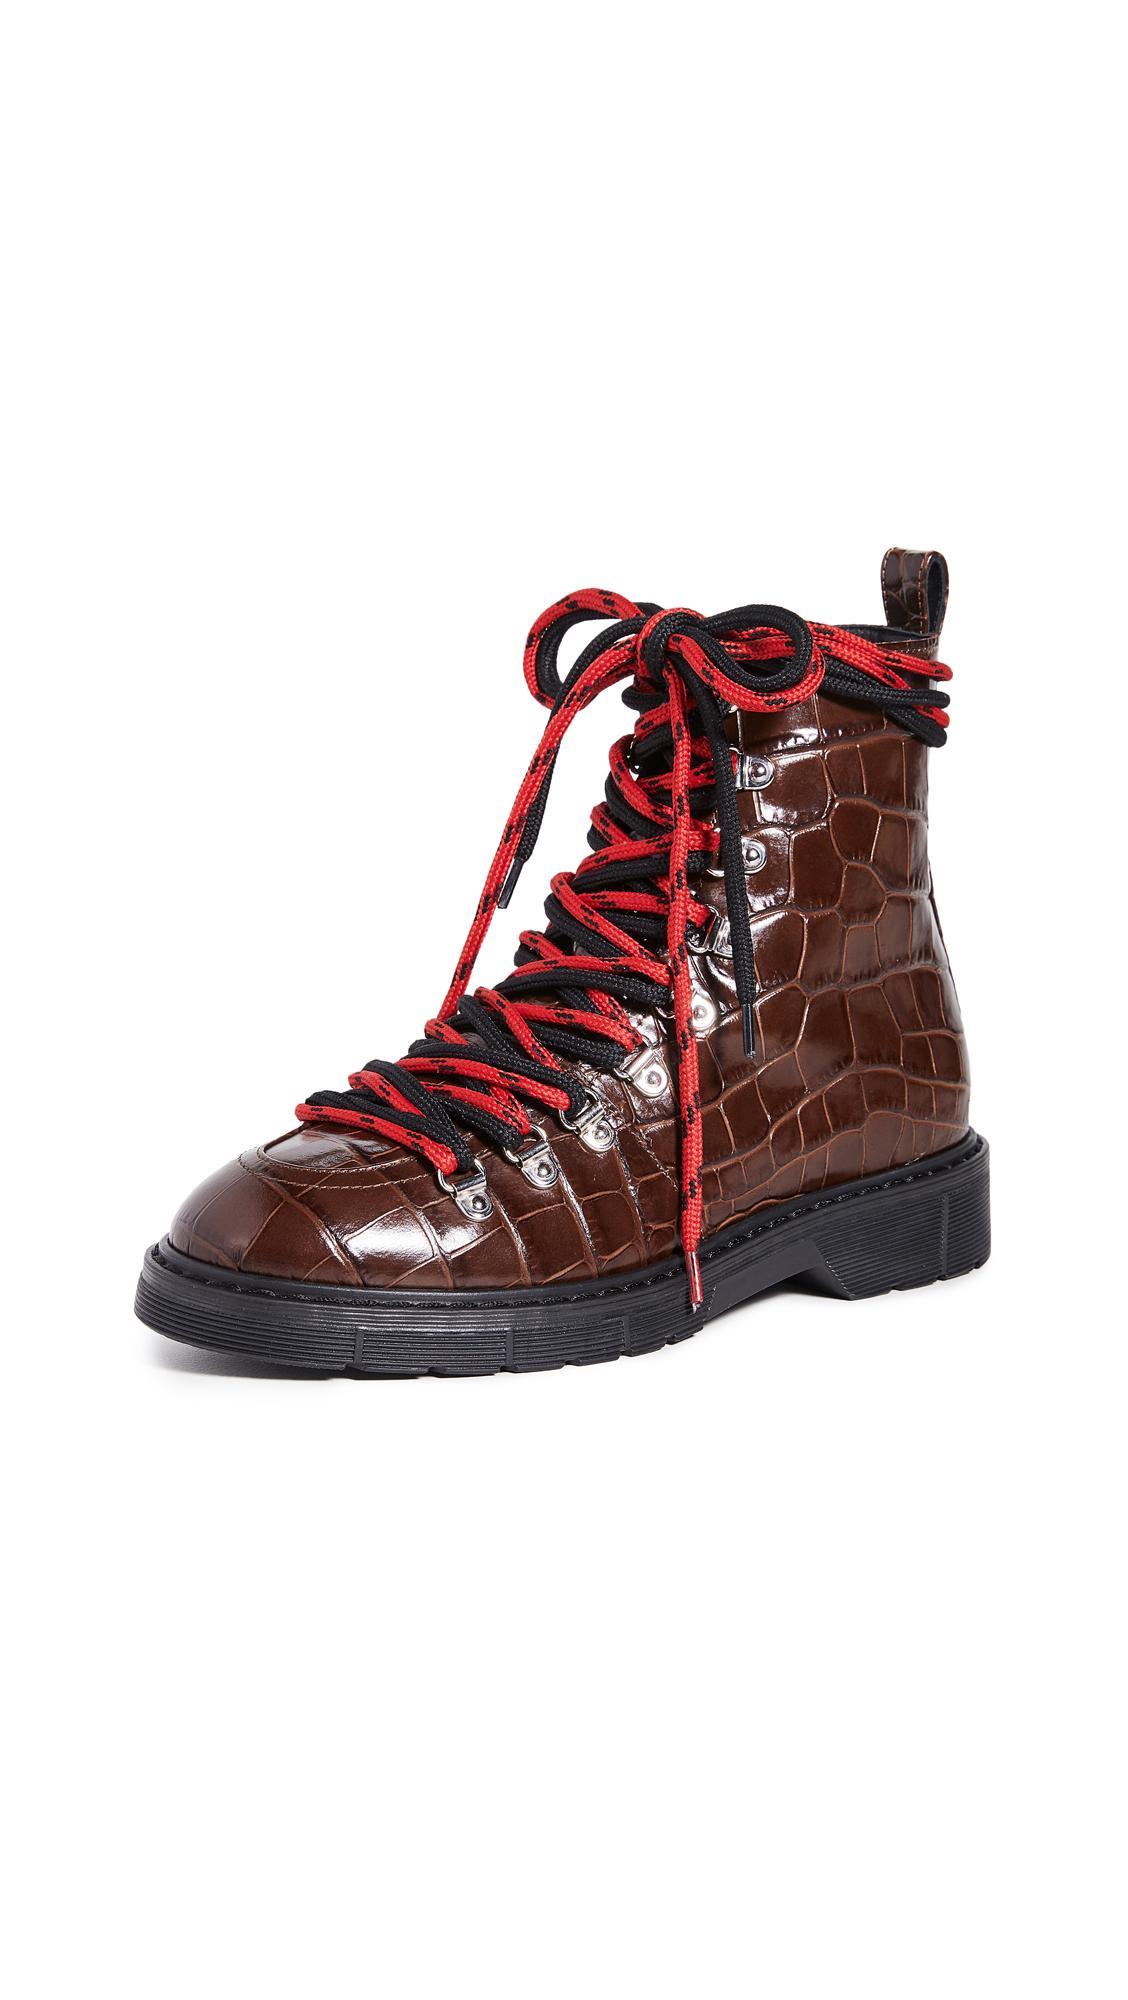 Polly Plume Heidi Kokko Boots - 70% Off Sale